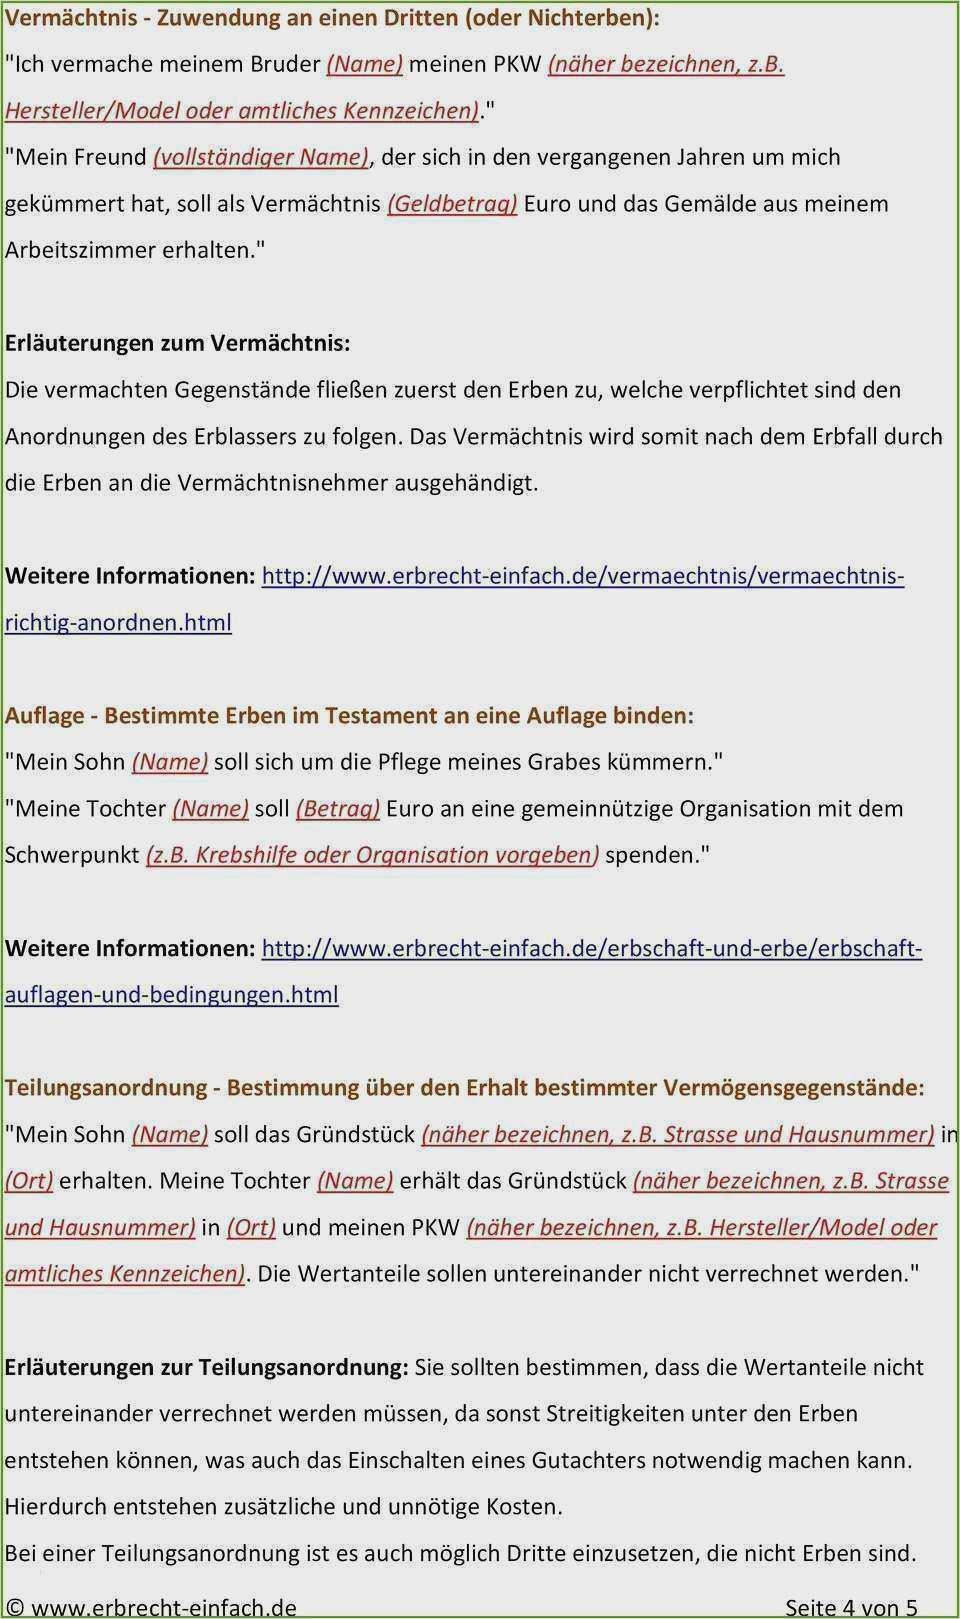 31 Grossartig Berliner Testament Vorlage Solche Konnen Adaptieren In Microsoft Word In 2020 Microsoft Word Vorlagen Microsoft